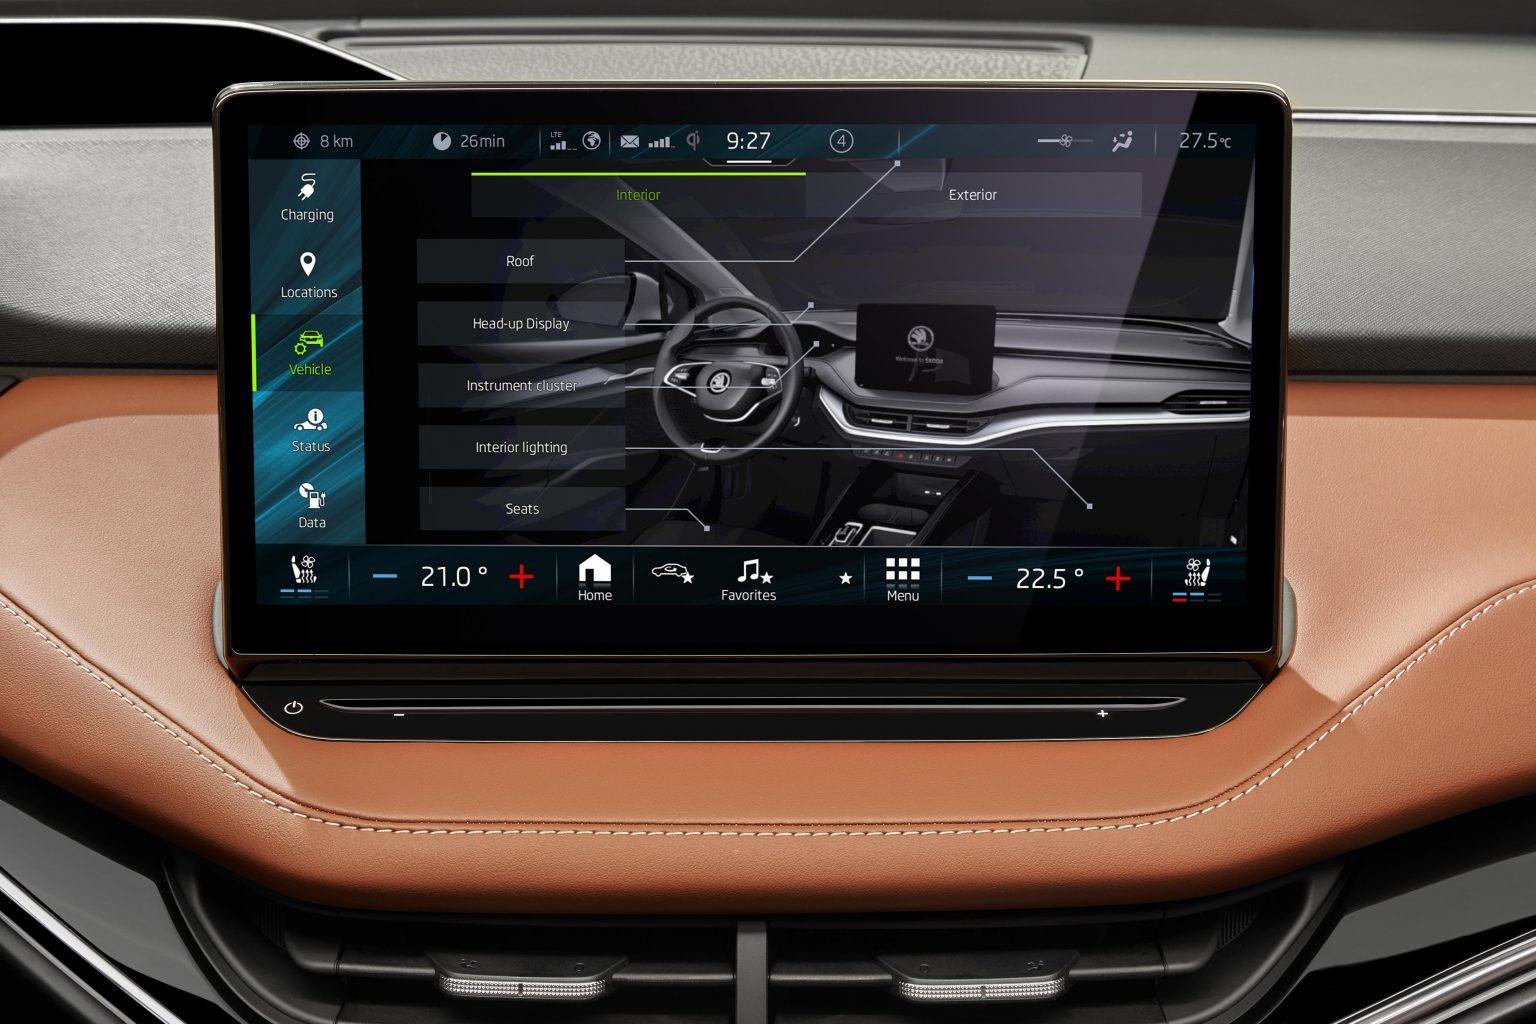 Enyaq interface multimedia